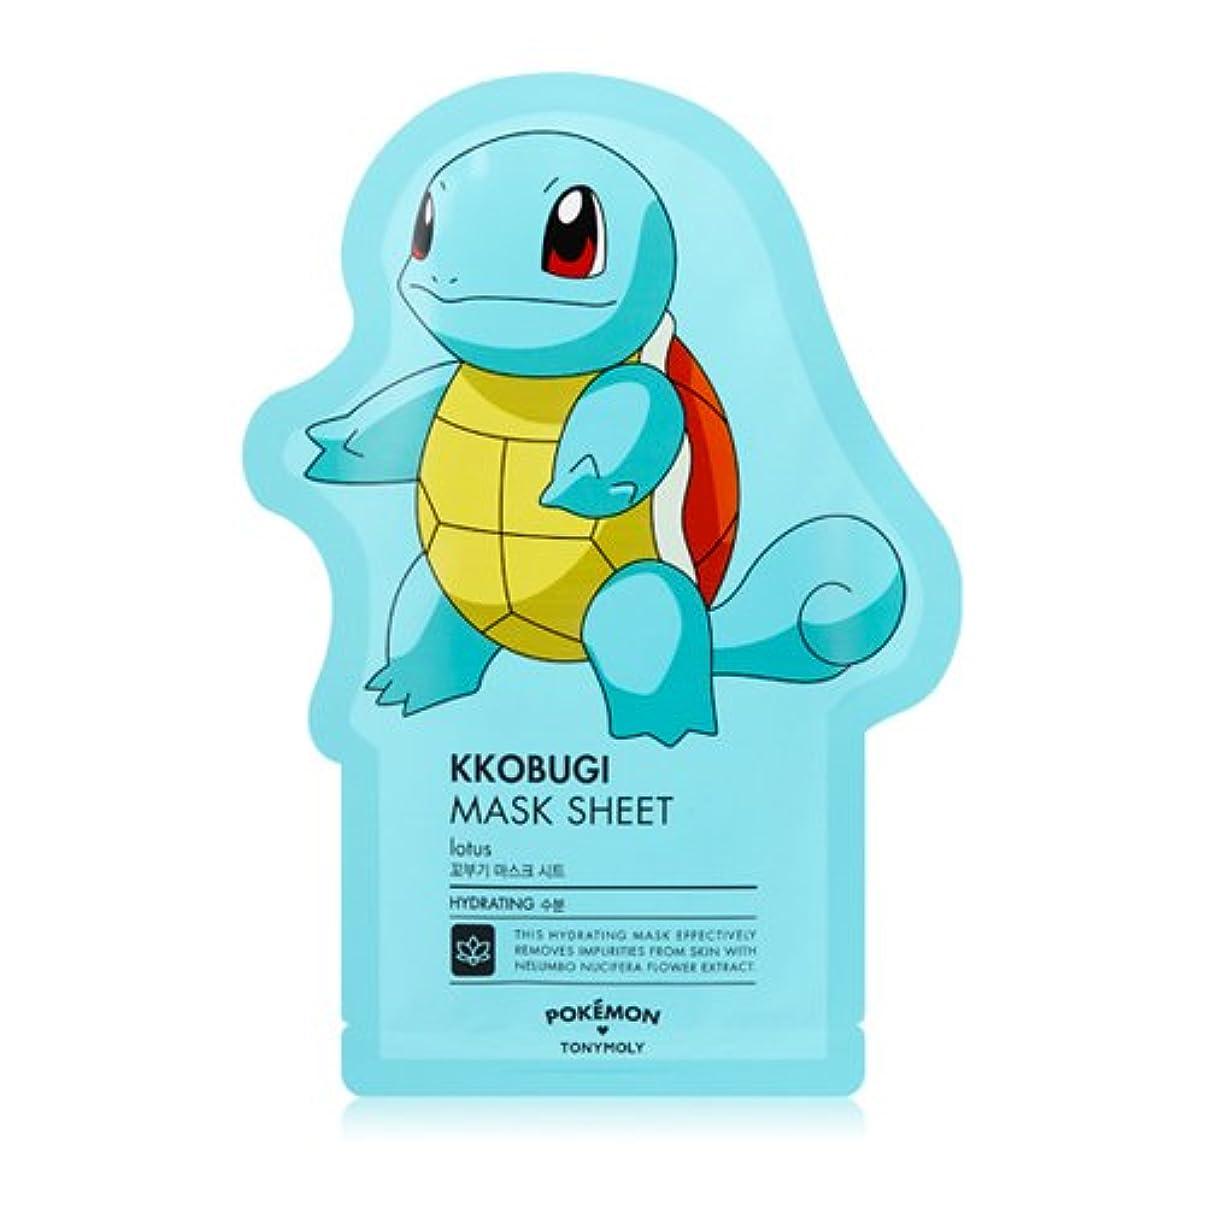 アッパー改修科学的TONYMOLY x Pokemon Squirtle/Kkobugi Mask Sheet (並行輸入品)